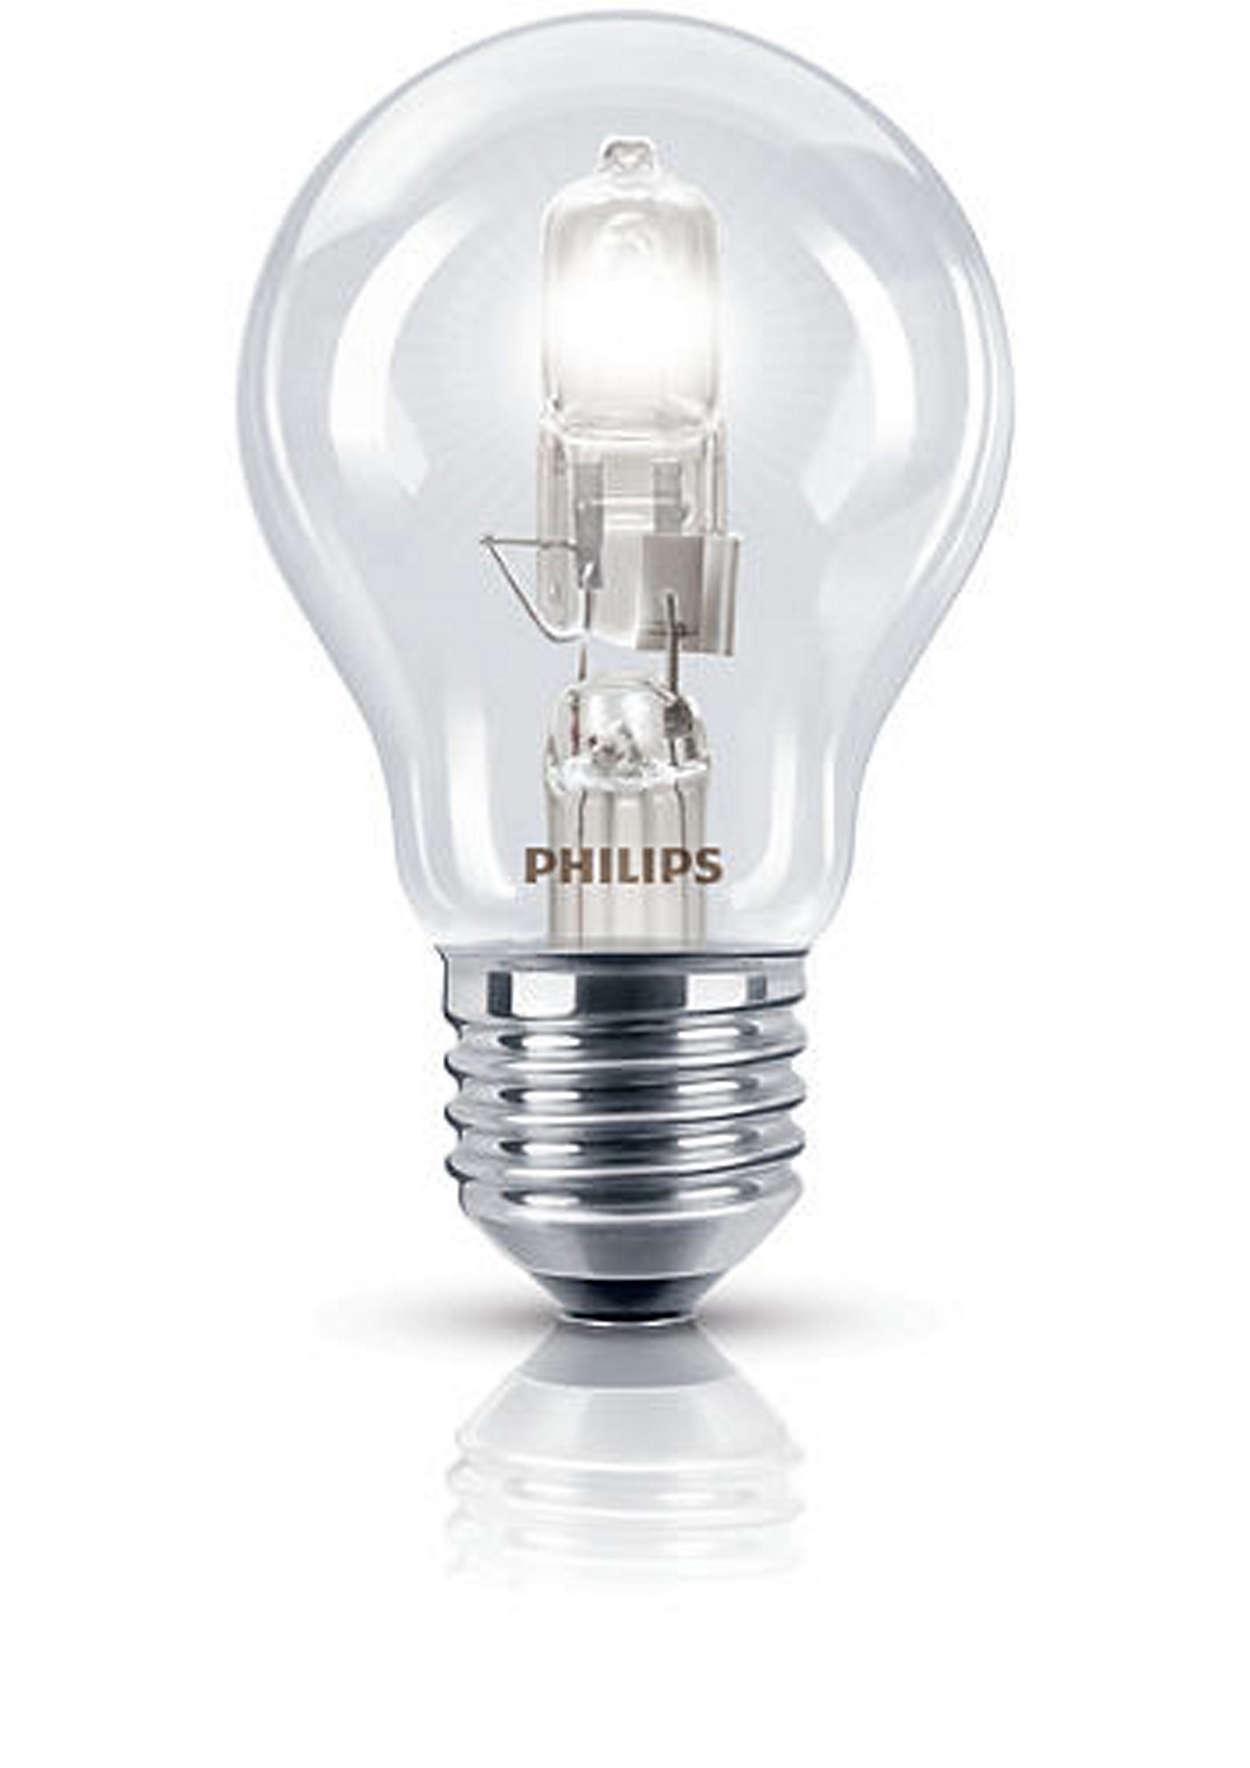 Luz halógena reluciente en un diseño familiar